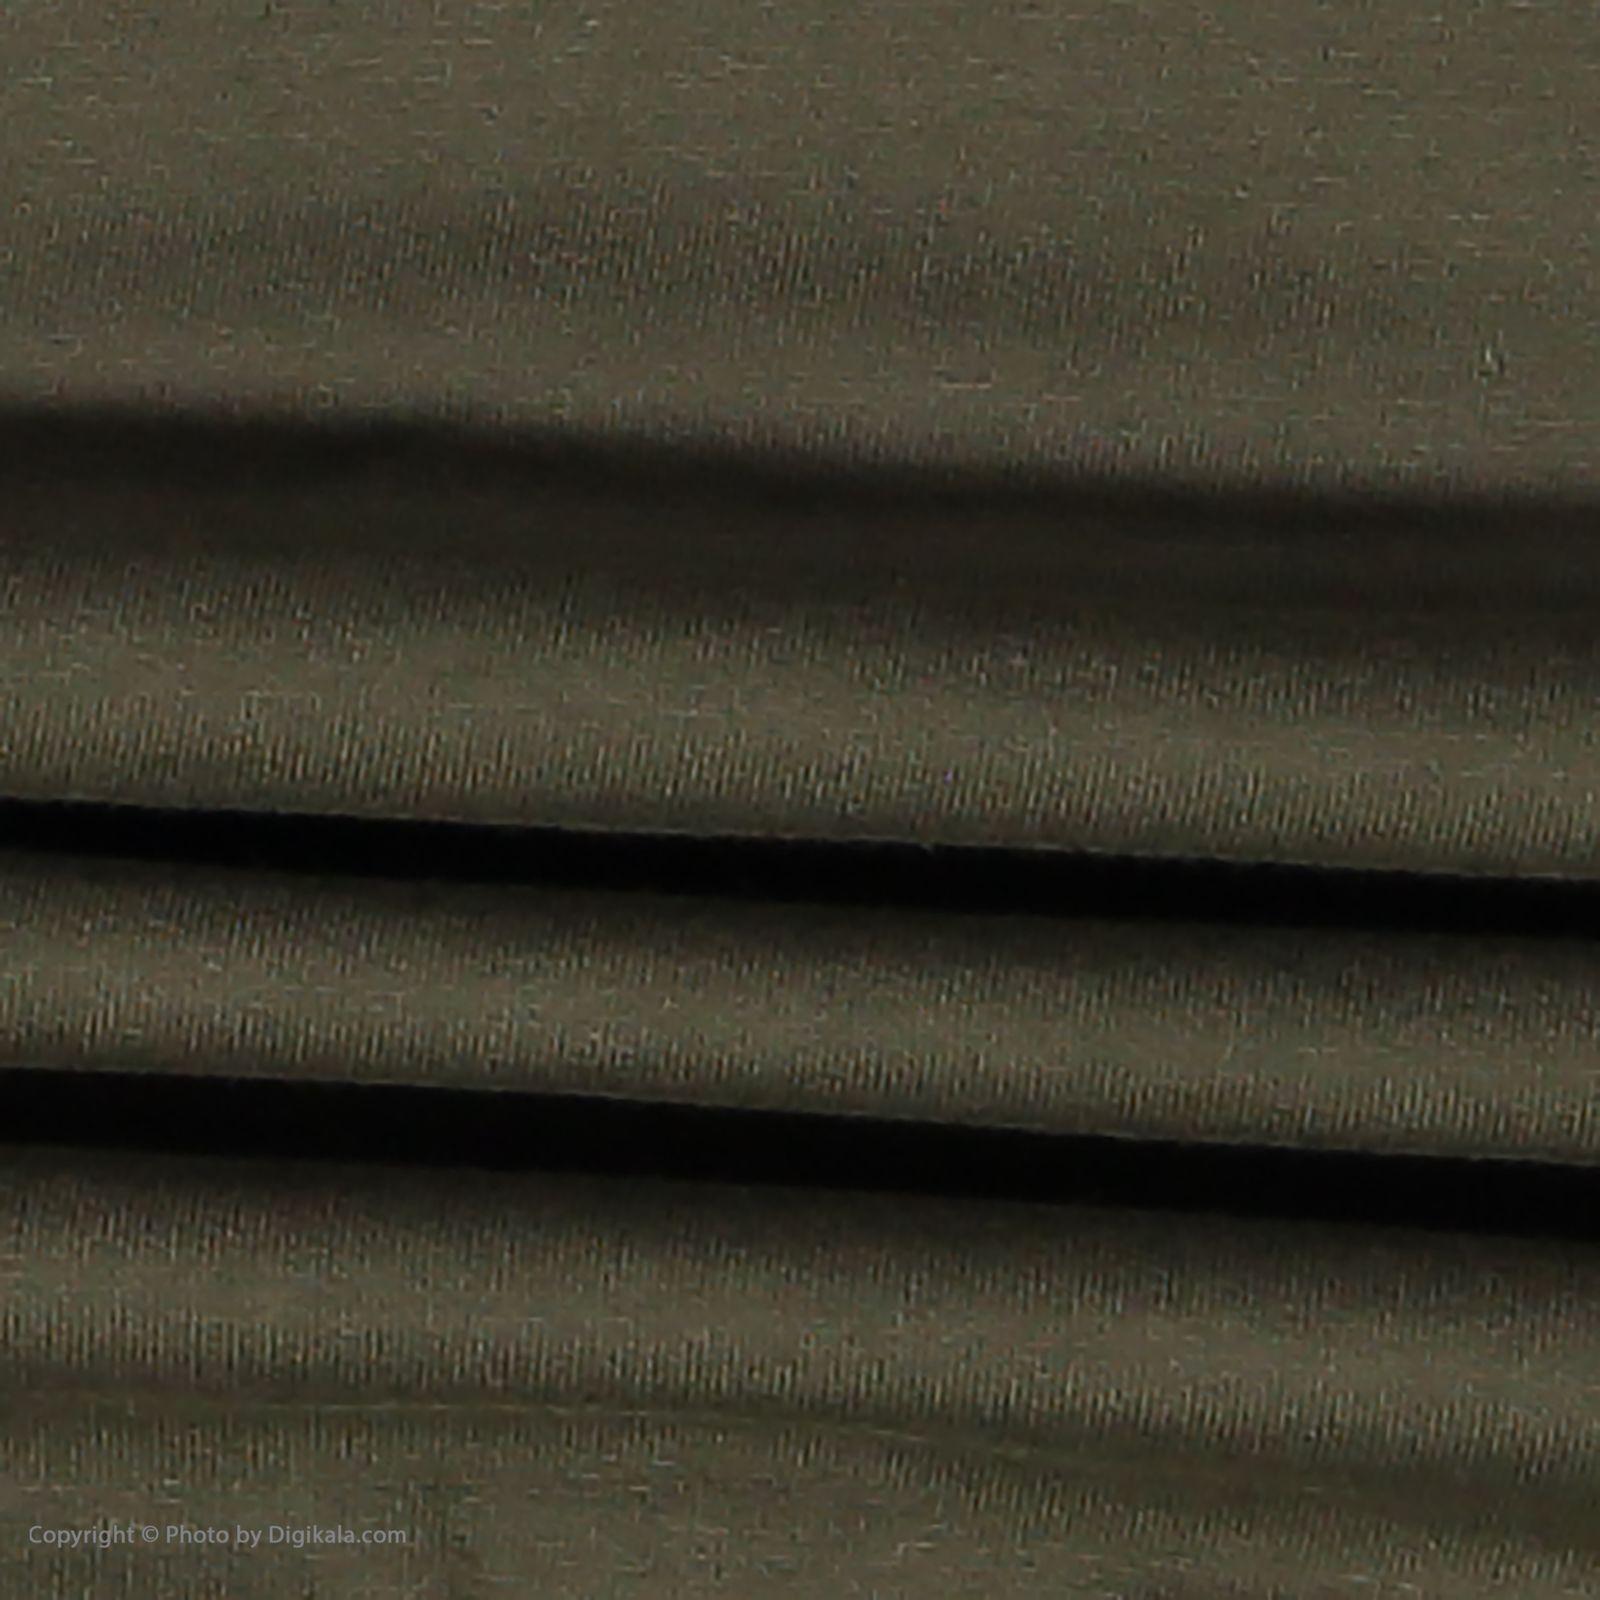 سویشرت پسرانه سون پون مدل 1391368-49 -  - 5